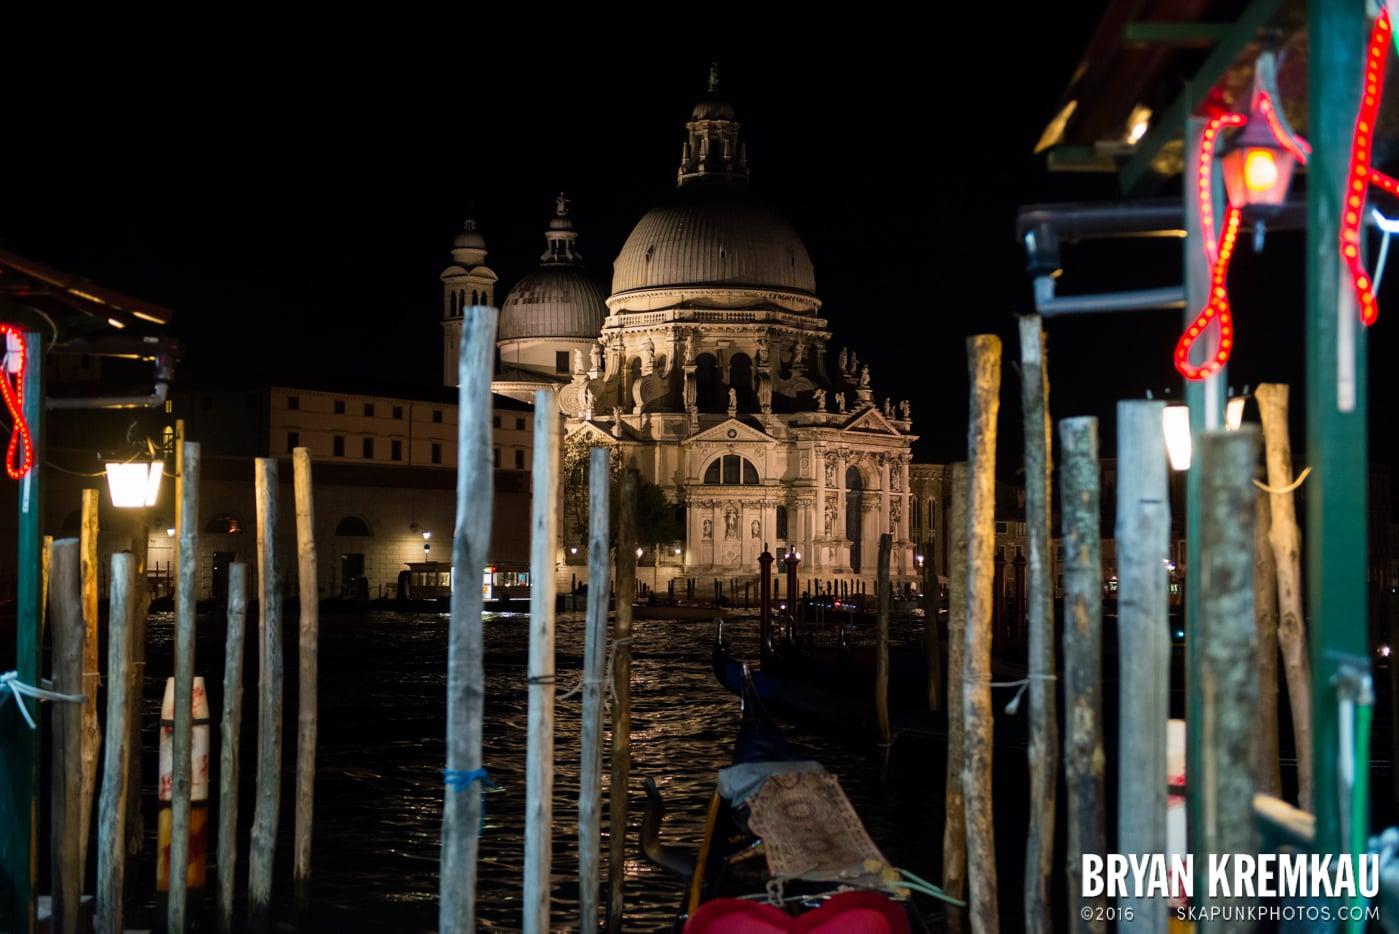 Italy Vacation - Day 6: Murano, Burano, Venice - 9.14.13 (3)